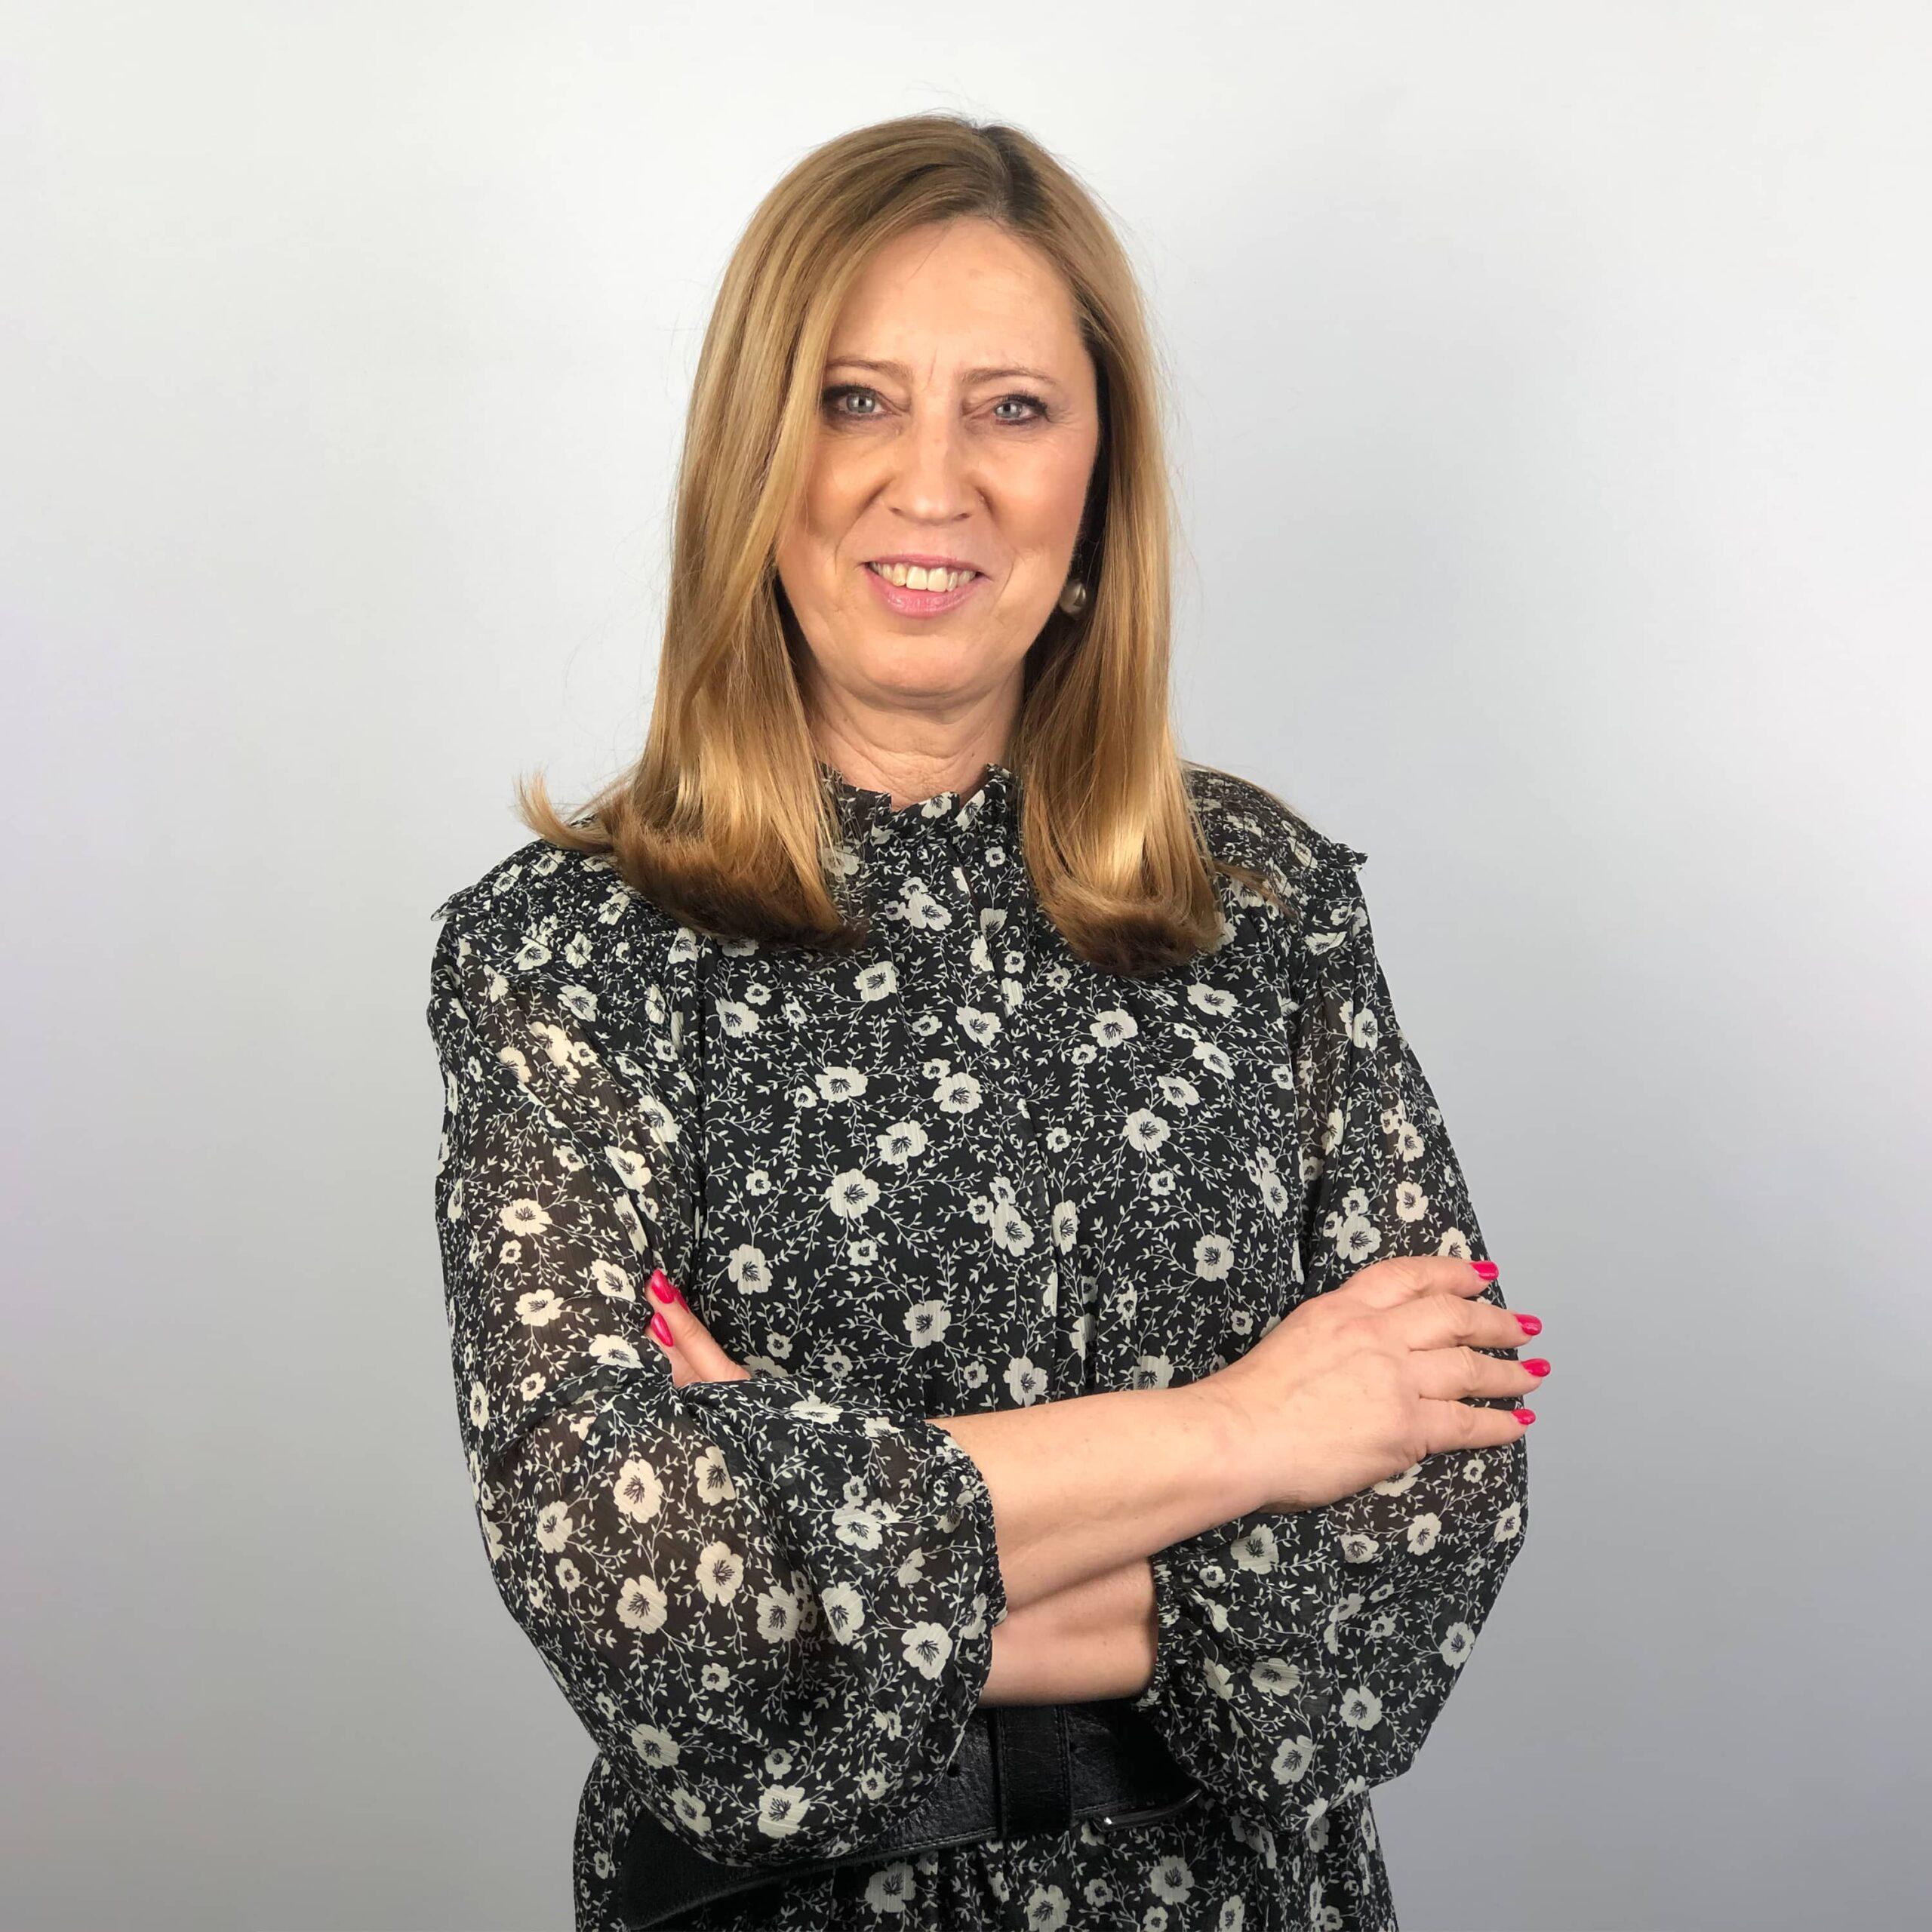 Darja Harb